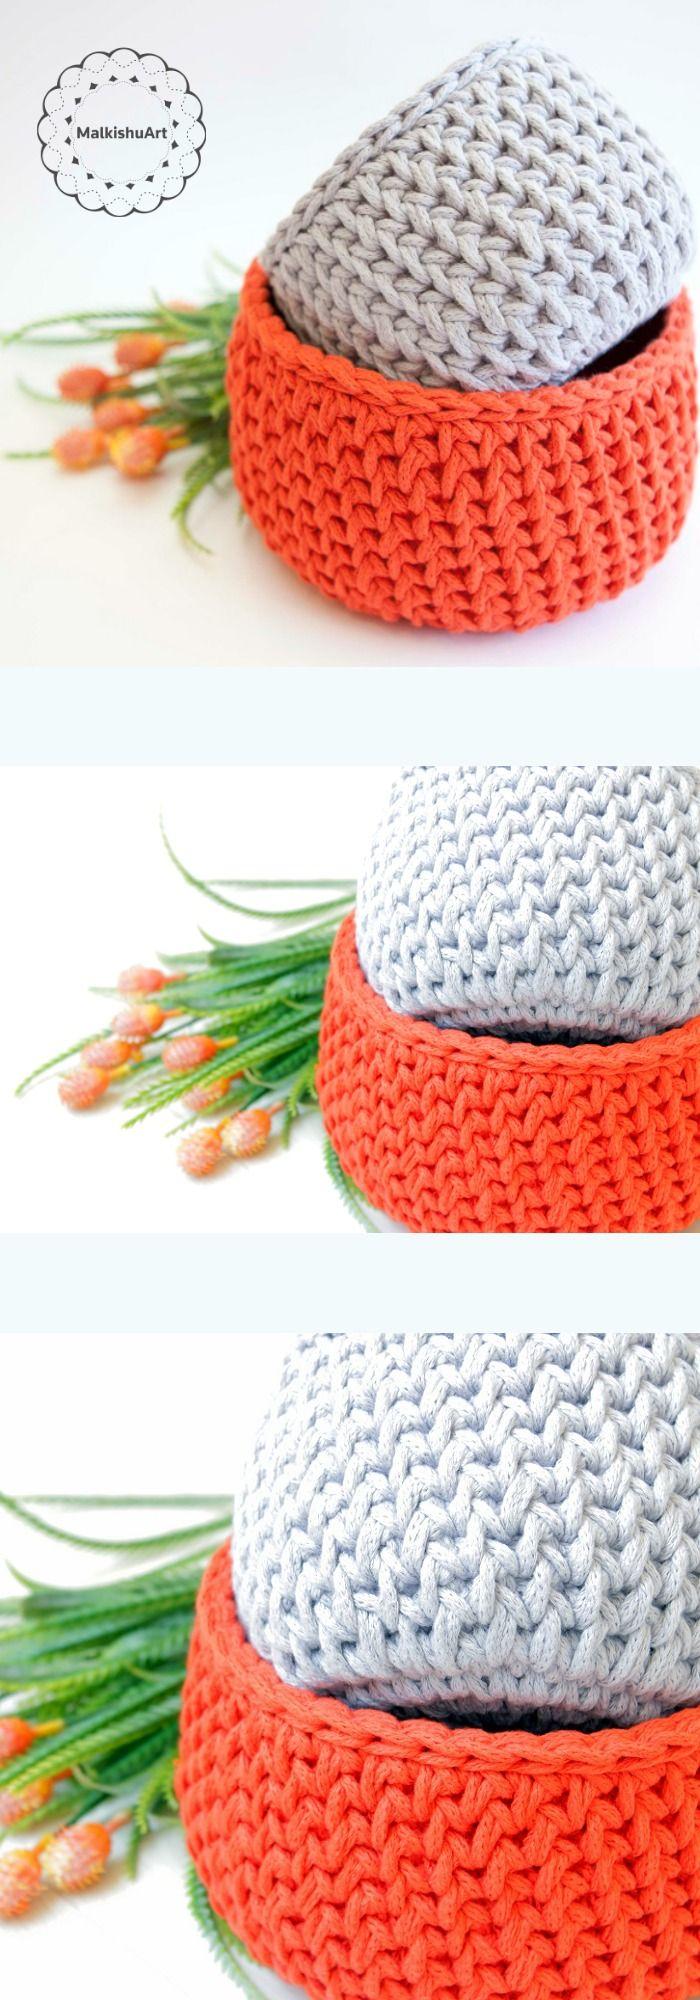 Crochet basket pattern,Crochet pattern, crochet home décor, crochet ...